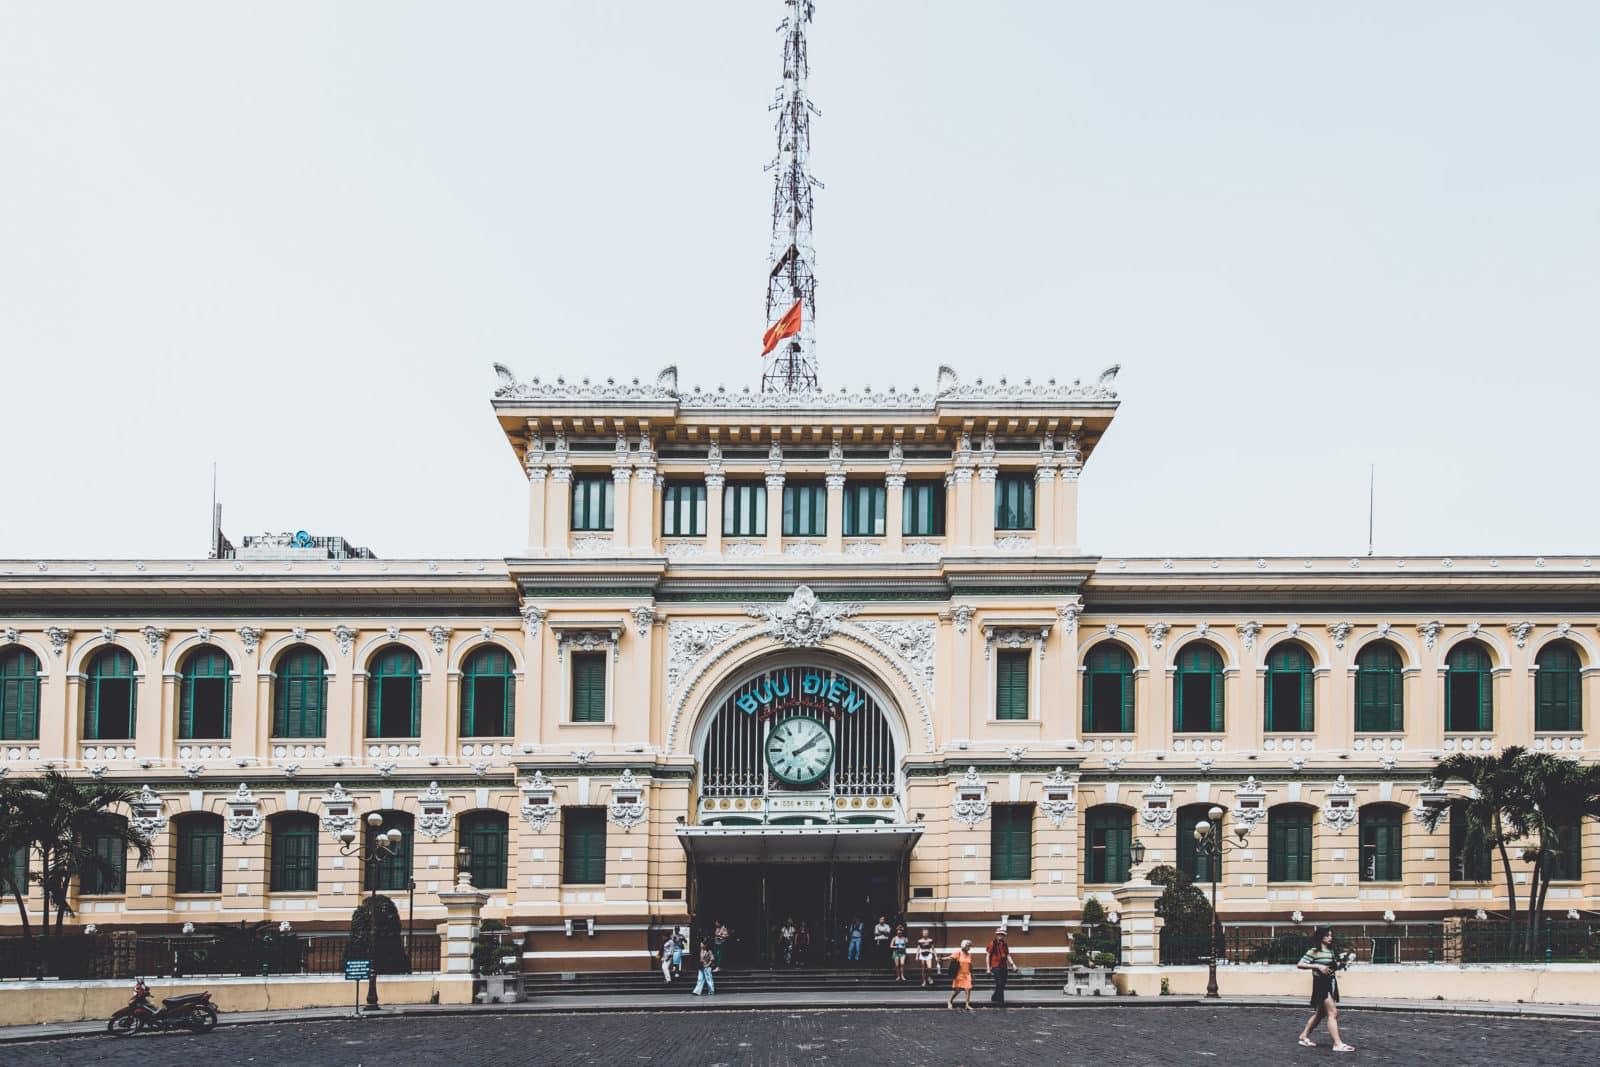 Hauptpostamt Saigon Ho Chi Minh City Vietnam